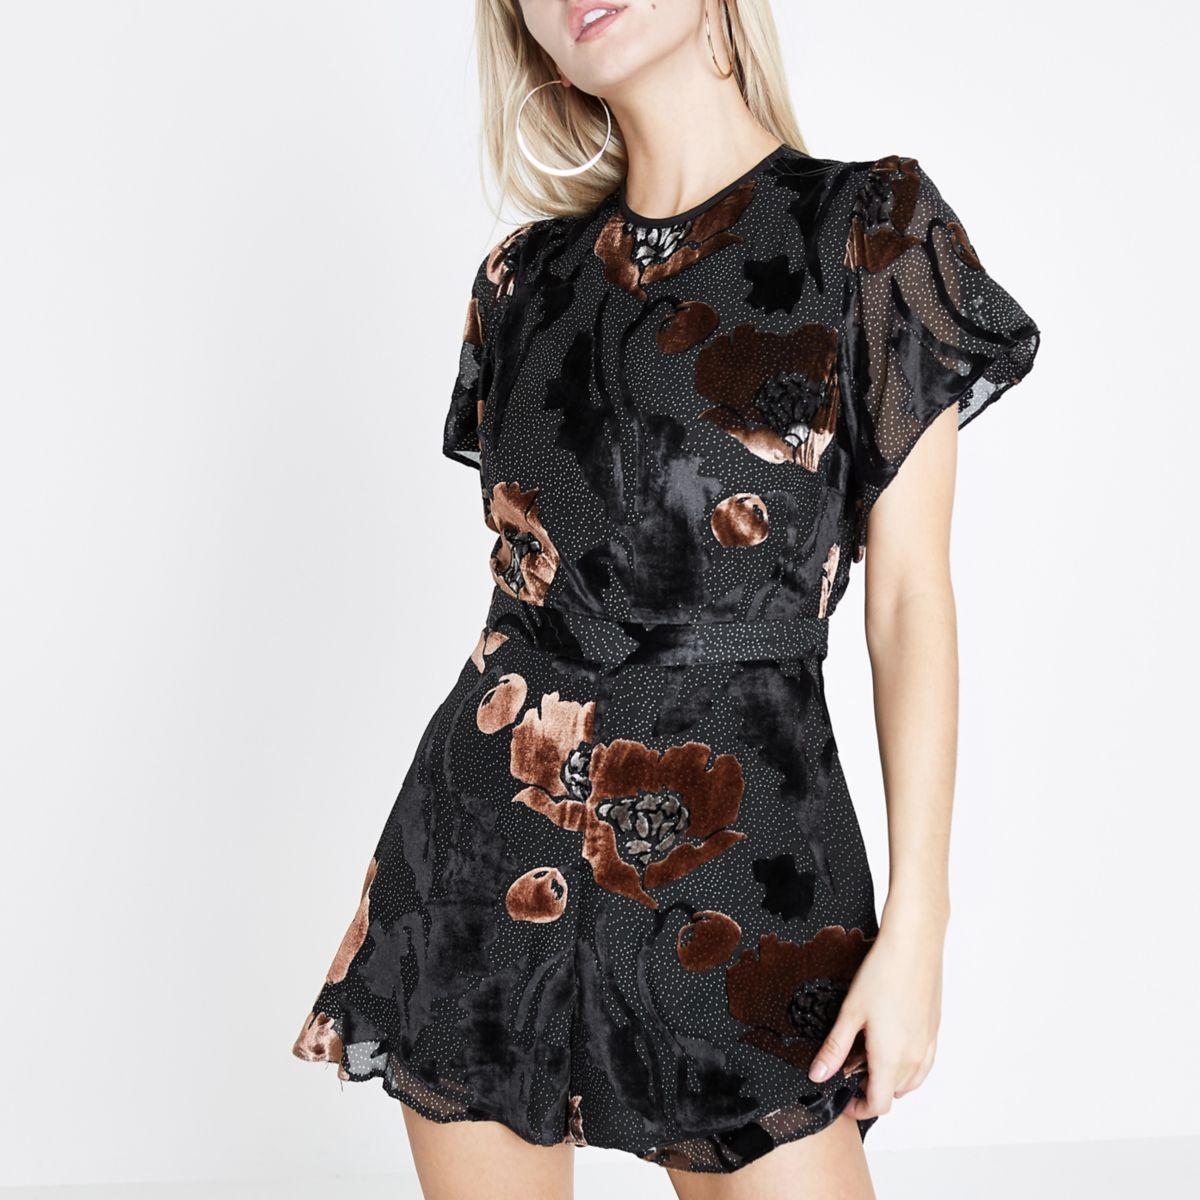 Petite black floral devore playsuit